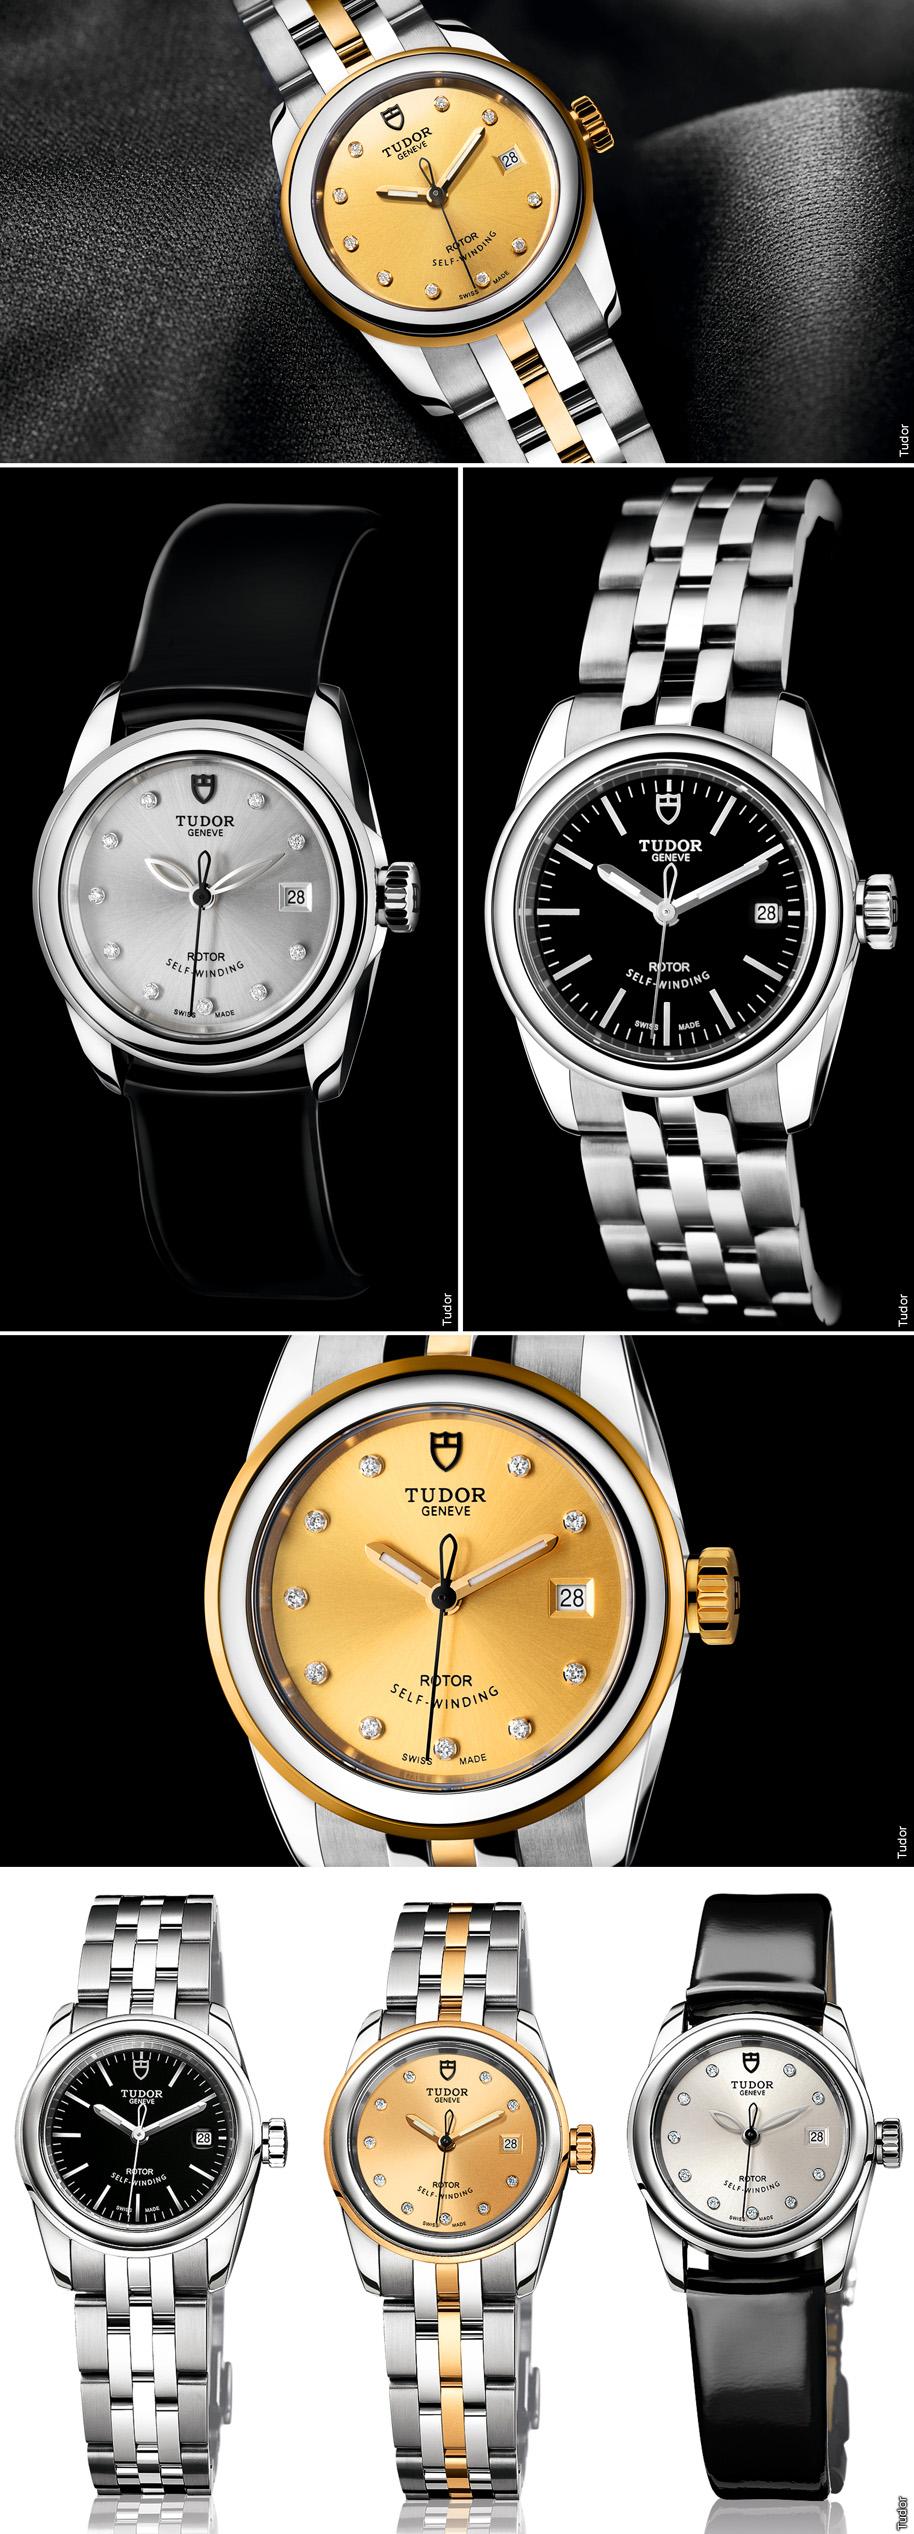 Tudor-Watches